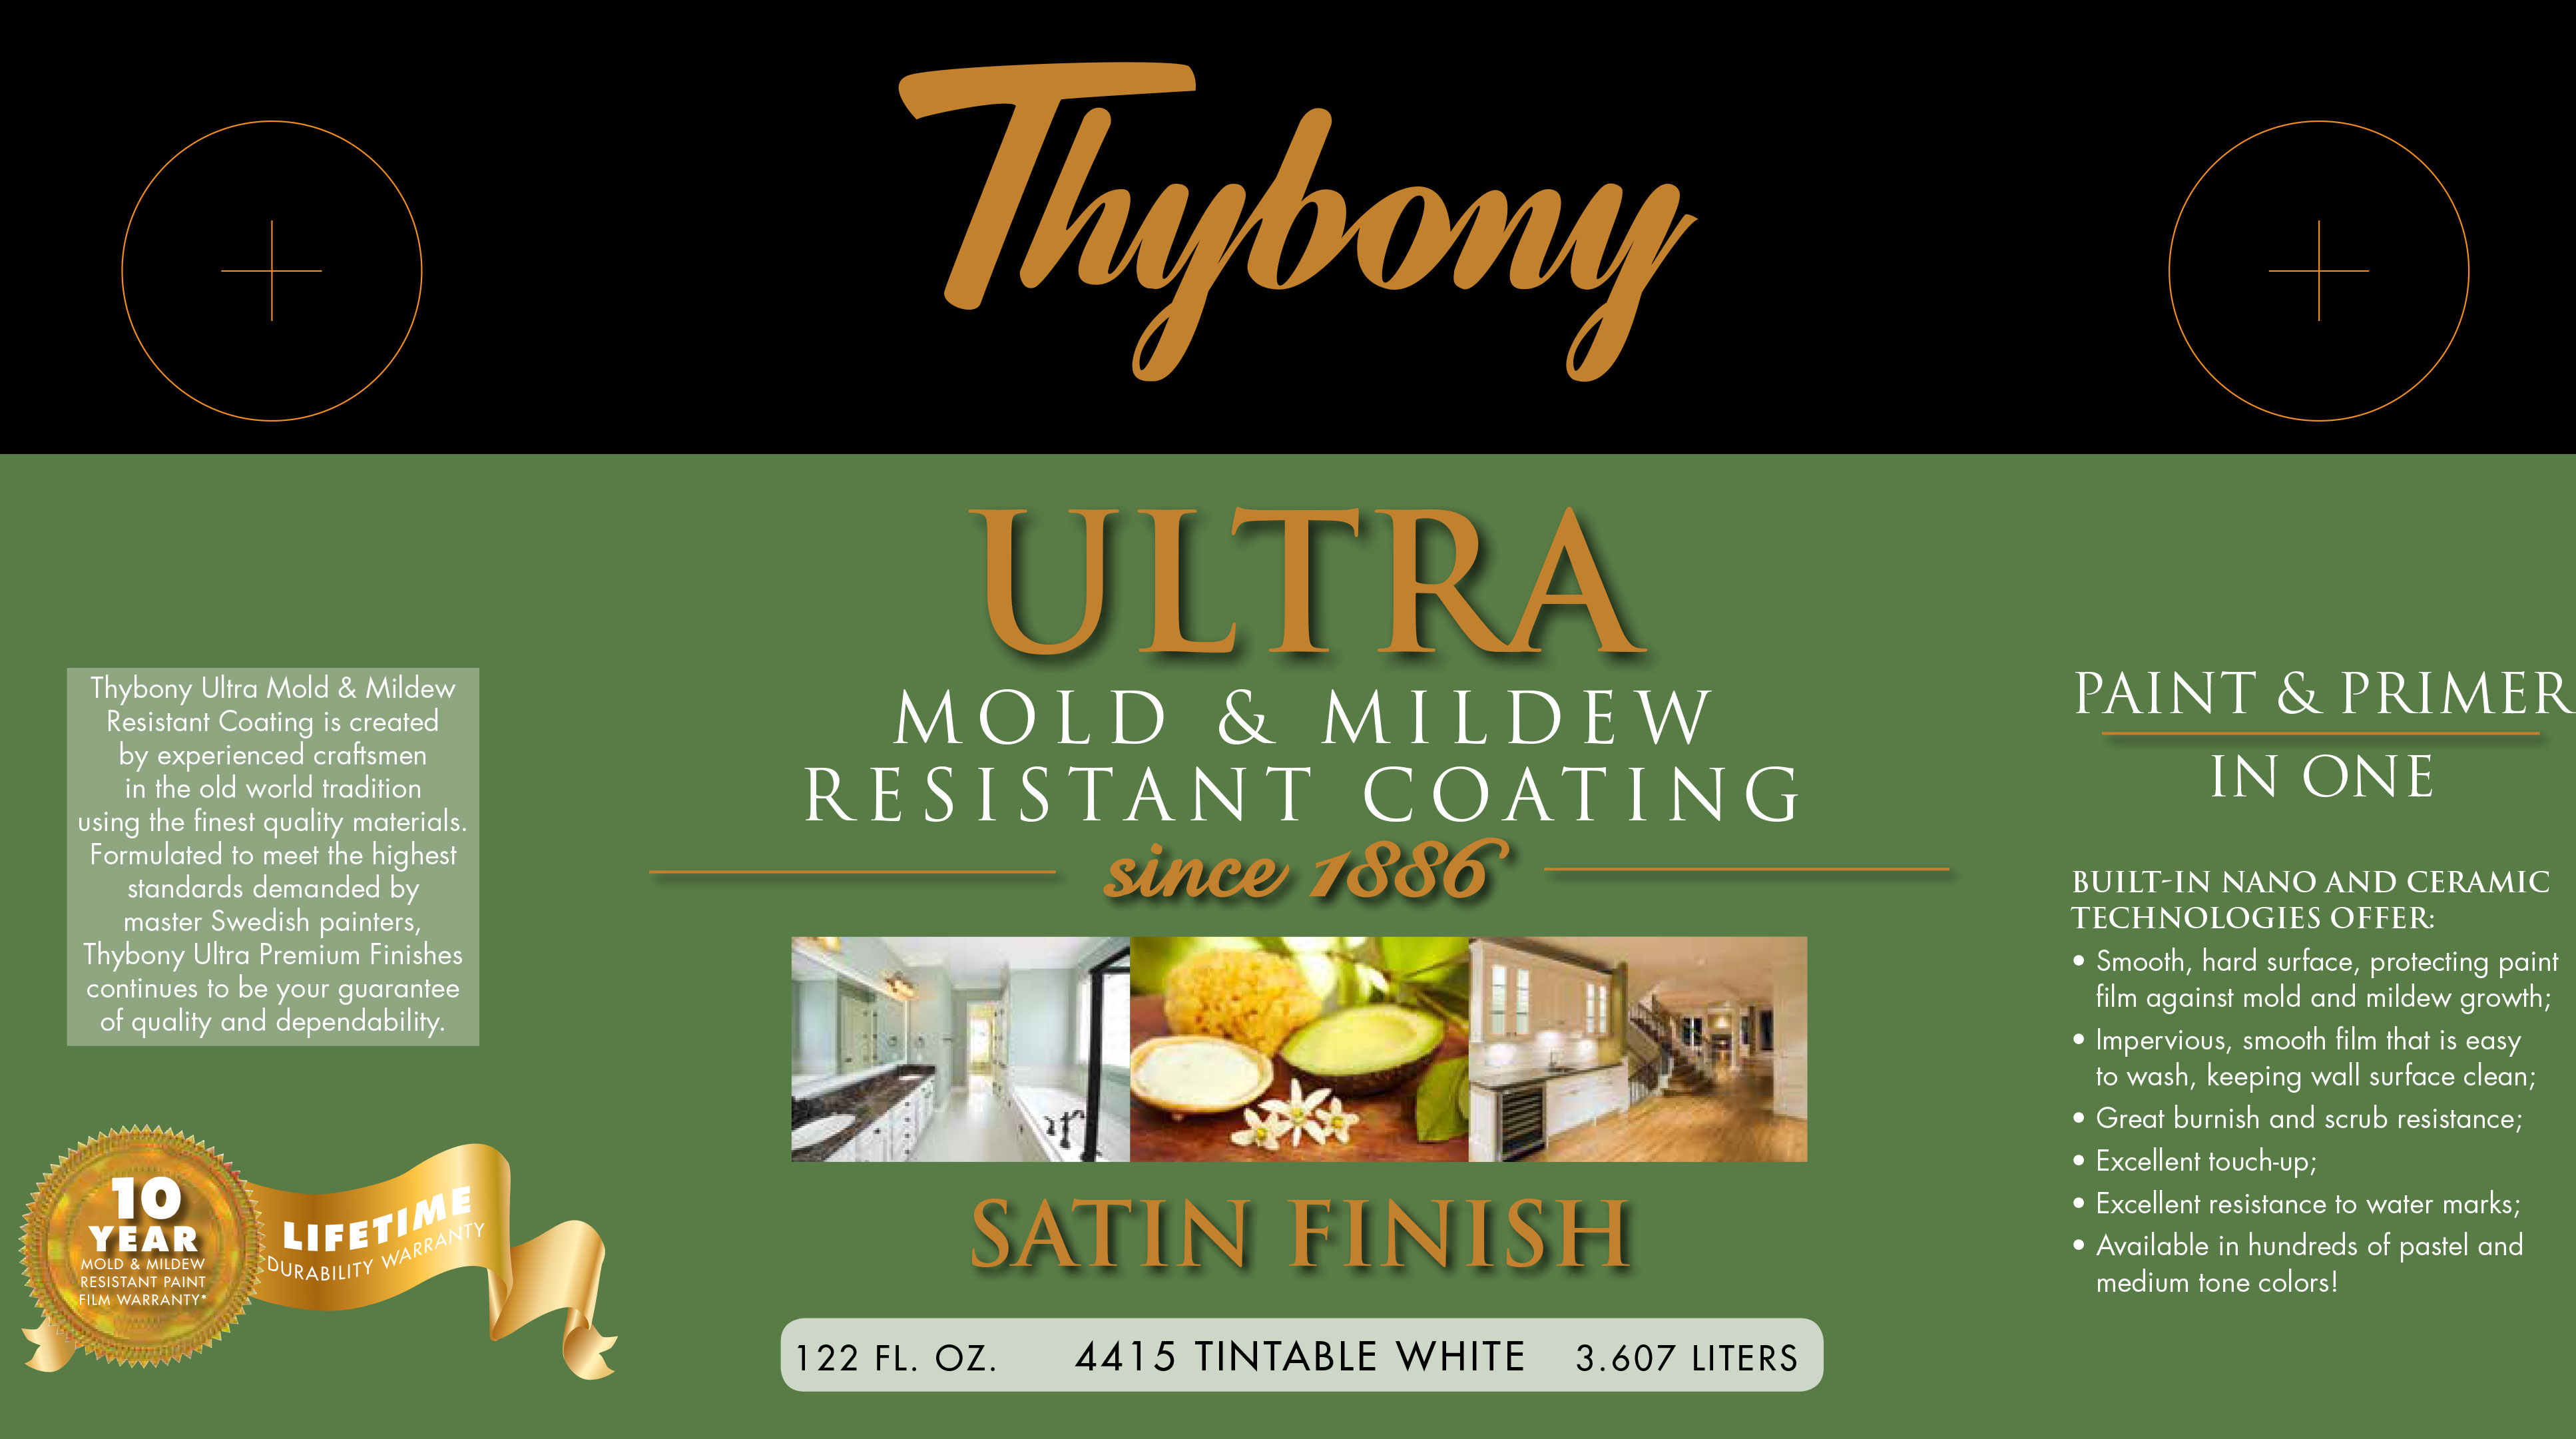 Thybony Ultra Mold Mildew Resistant Coating